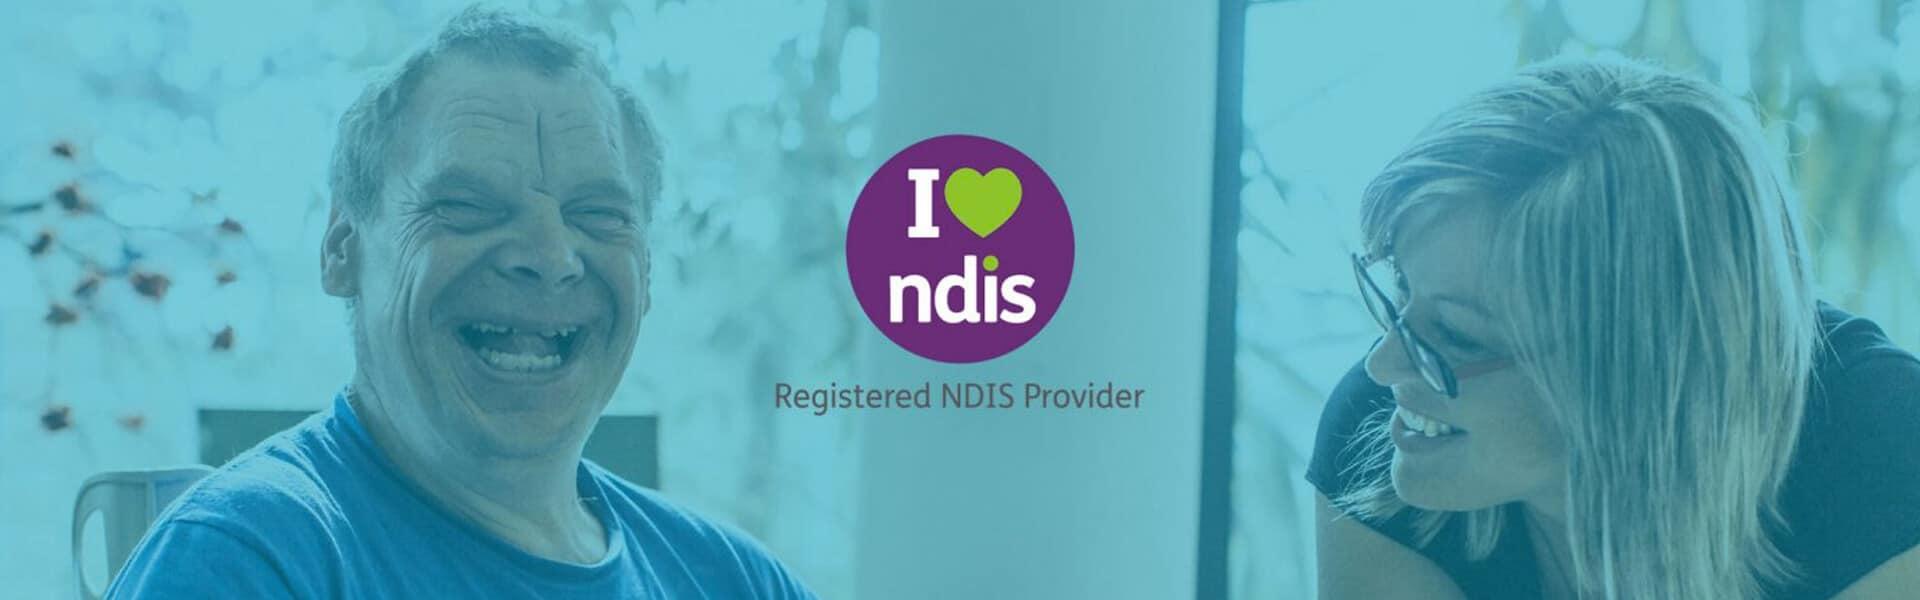 NDIS Banner 1